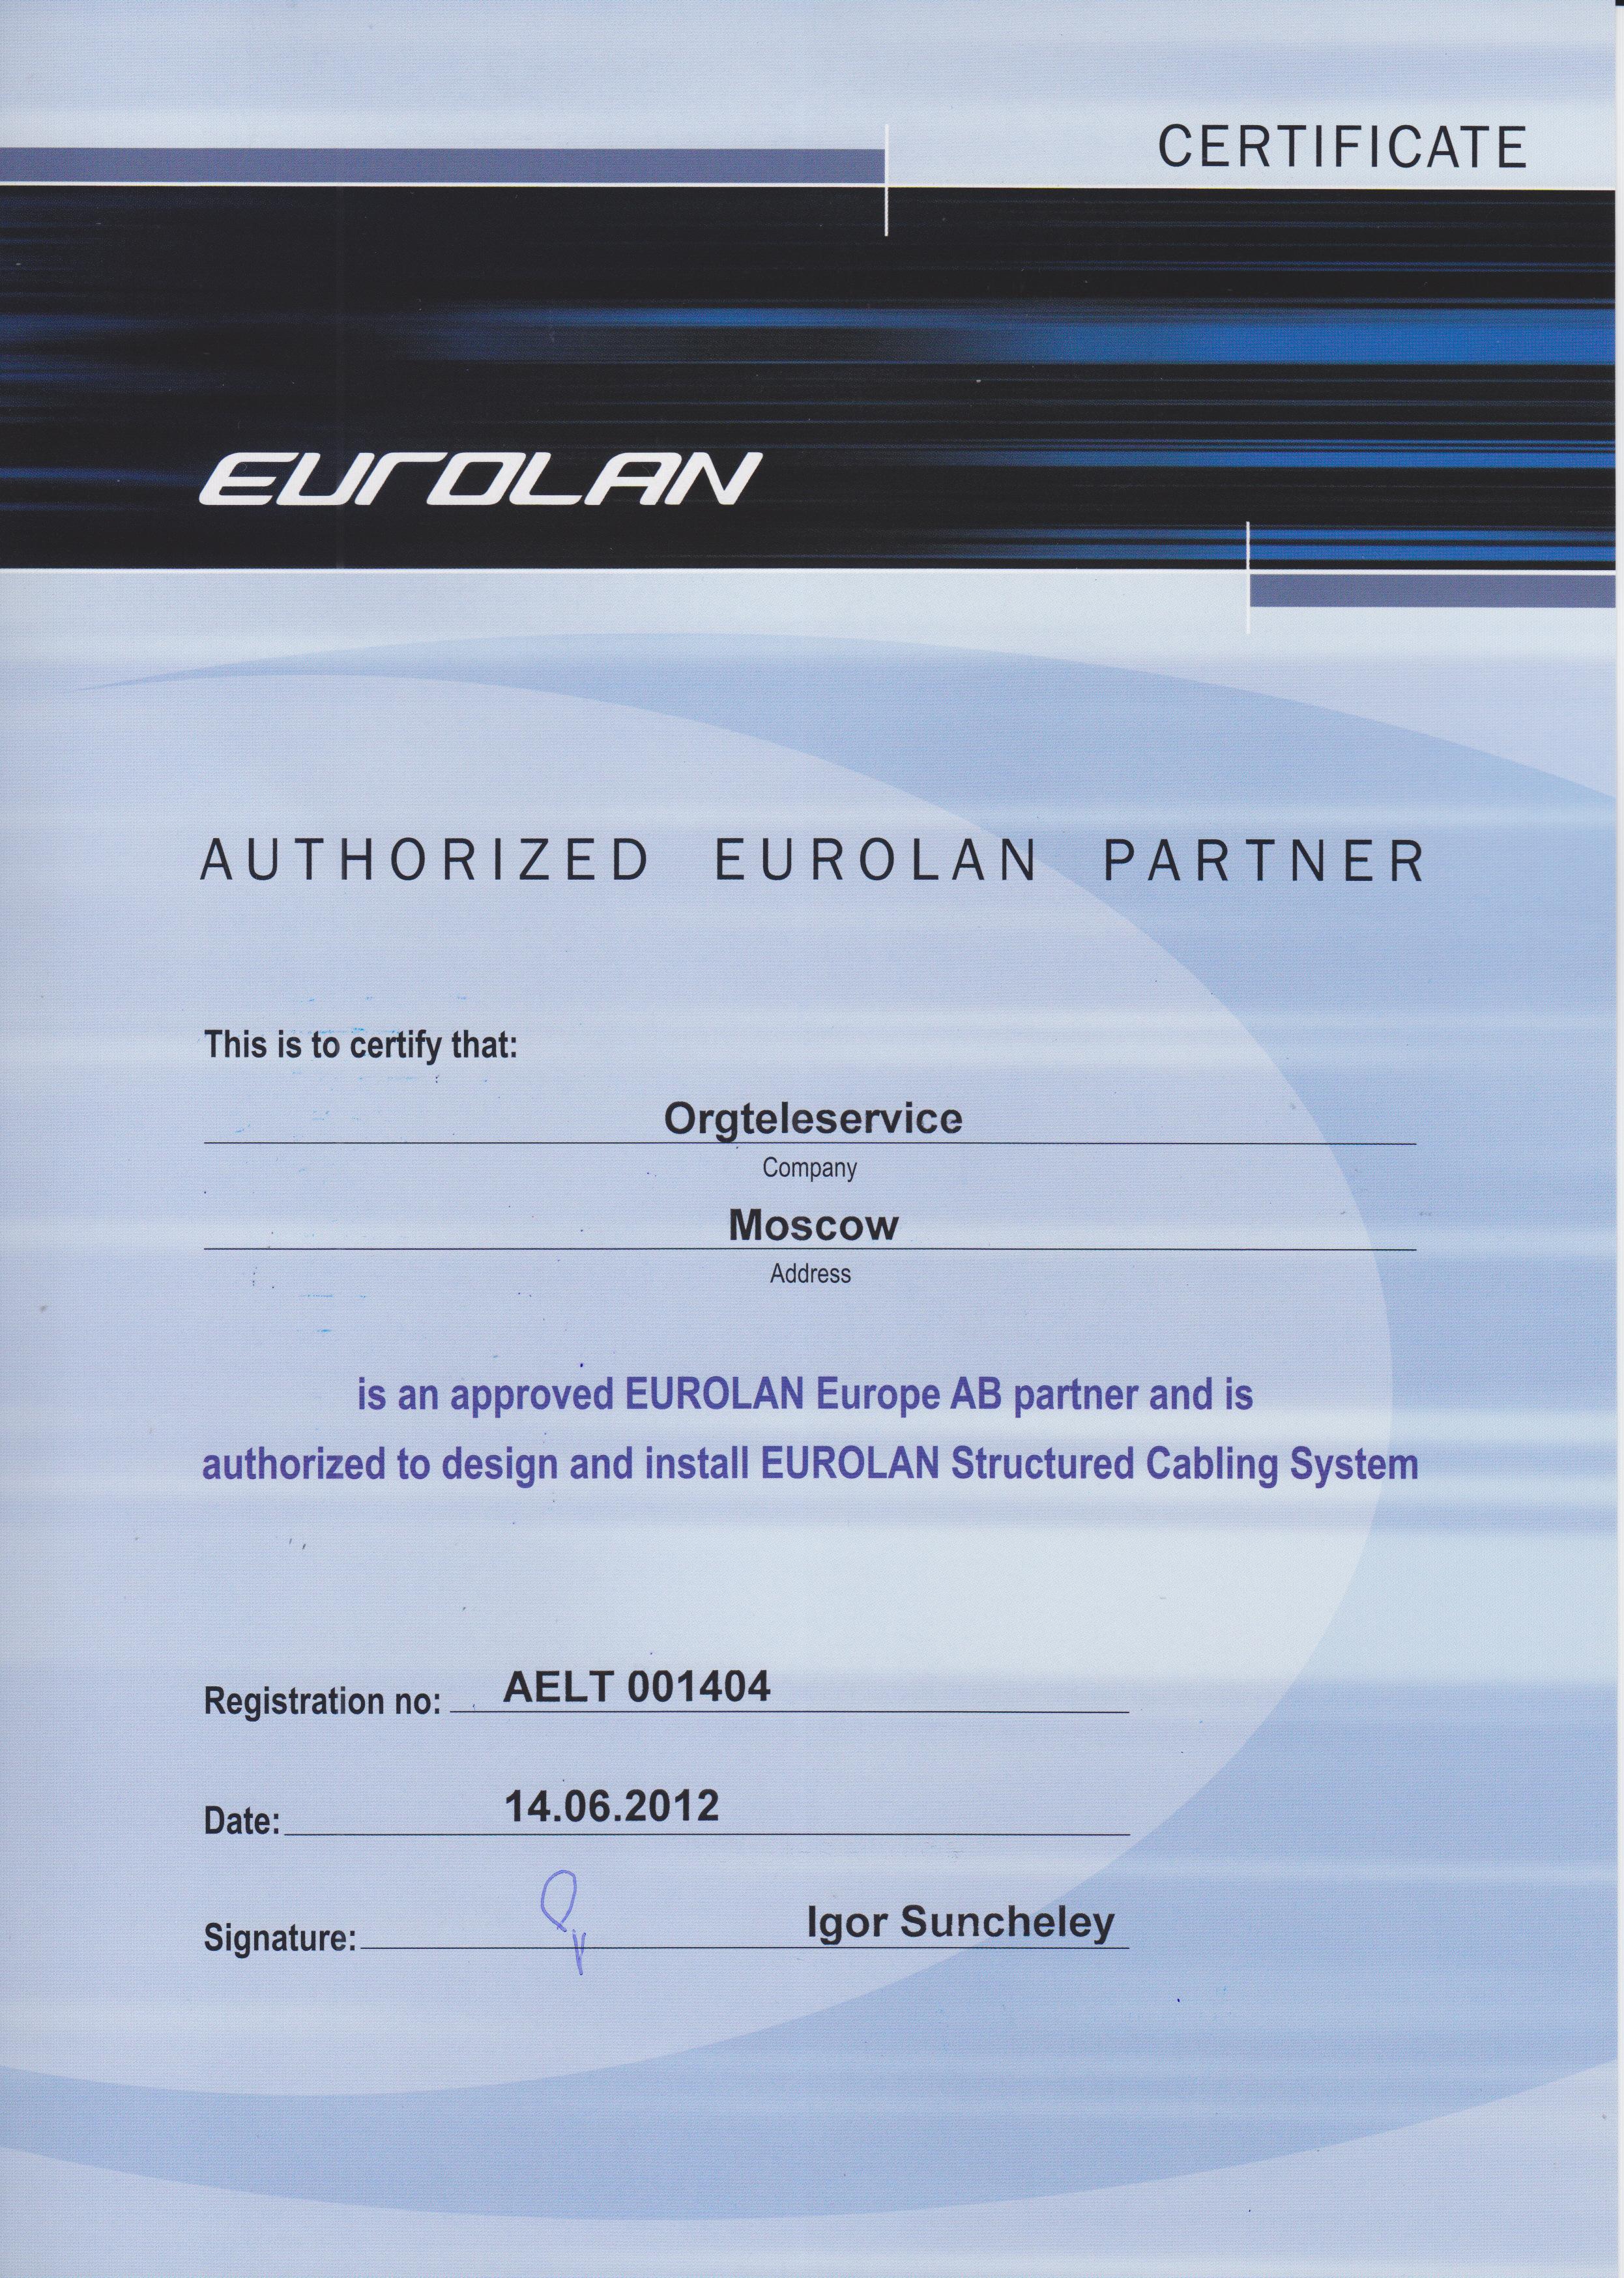 Eurolan2 Кабельные системы СКС